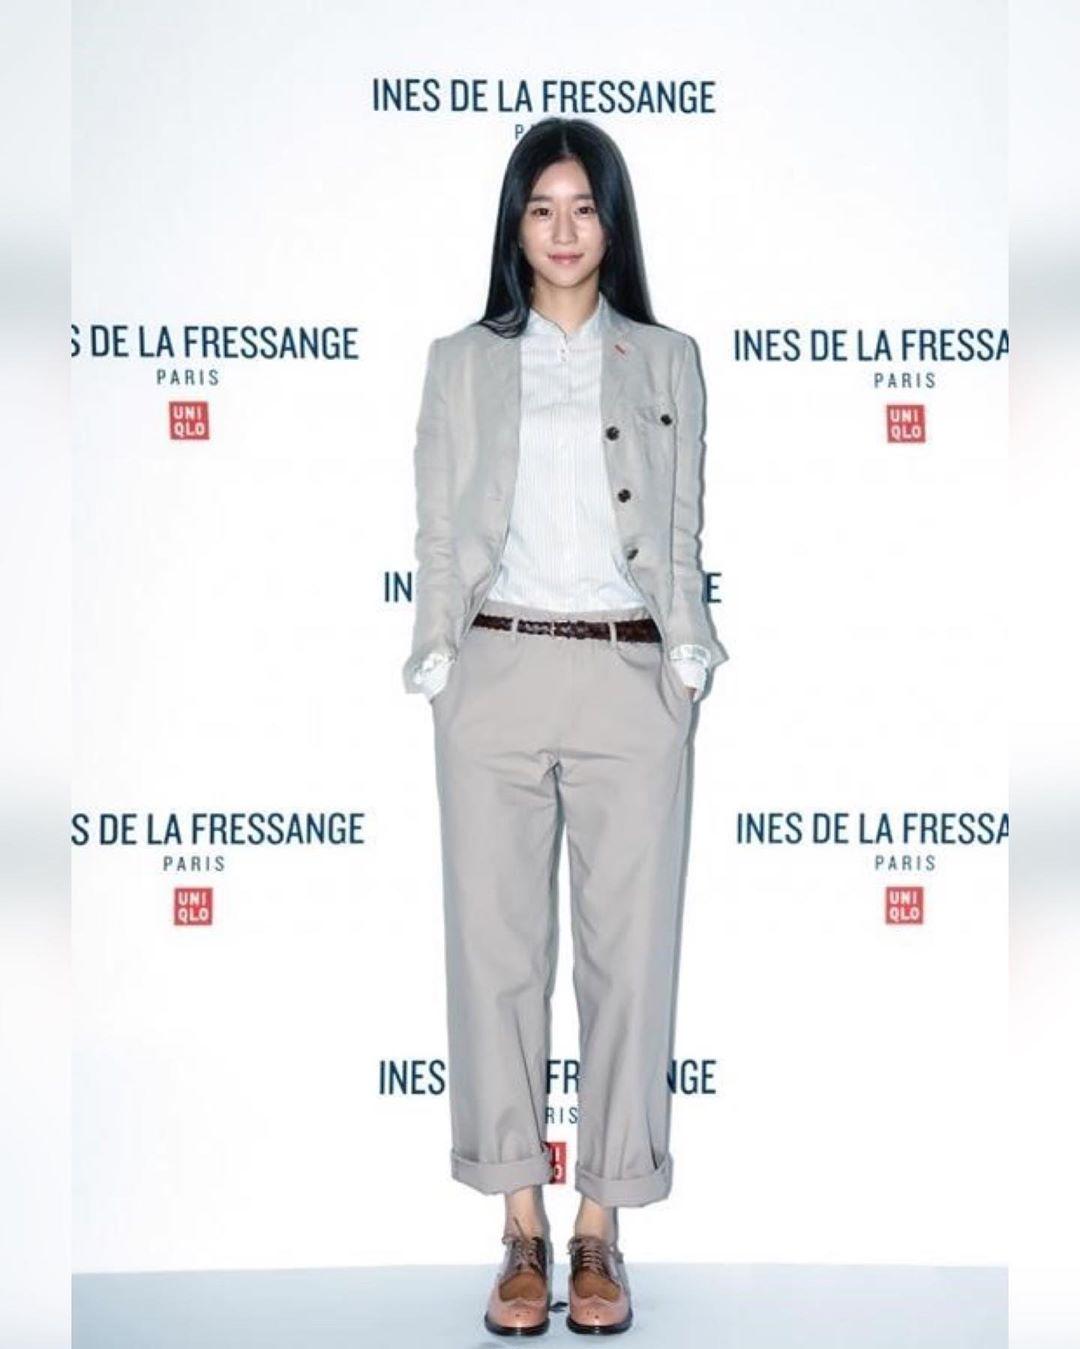 Chân dài nổi tiếng nhưng Seo Ye Ji cũng từng dìm dáng thảm hại vì chọn nhầm bộ suit khiến chân ngắn một mẩu - Ảnh 1.